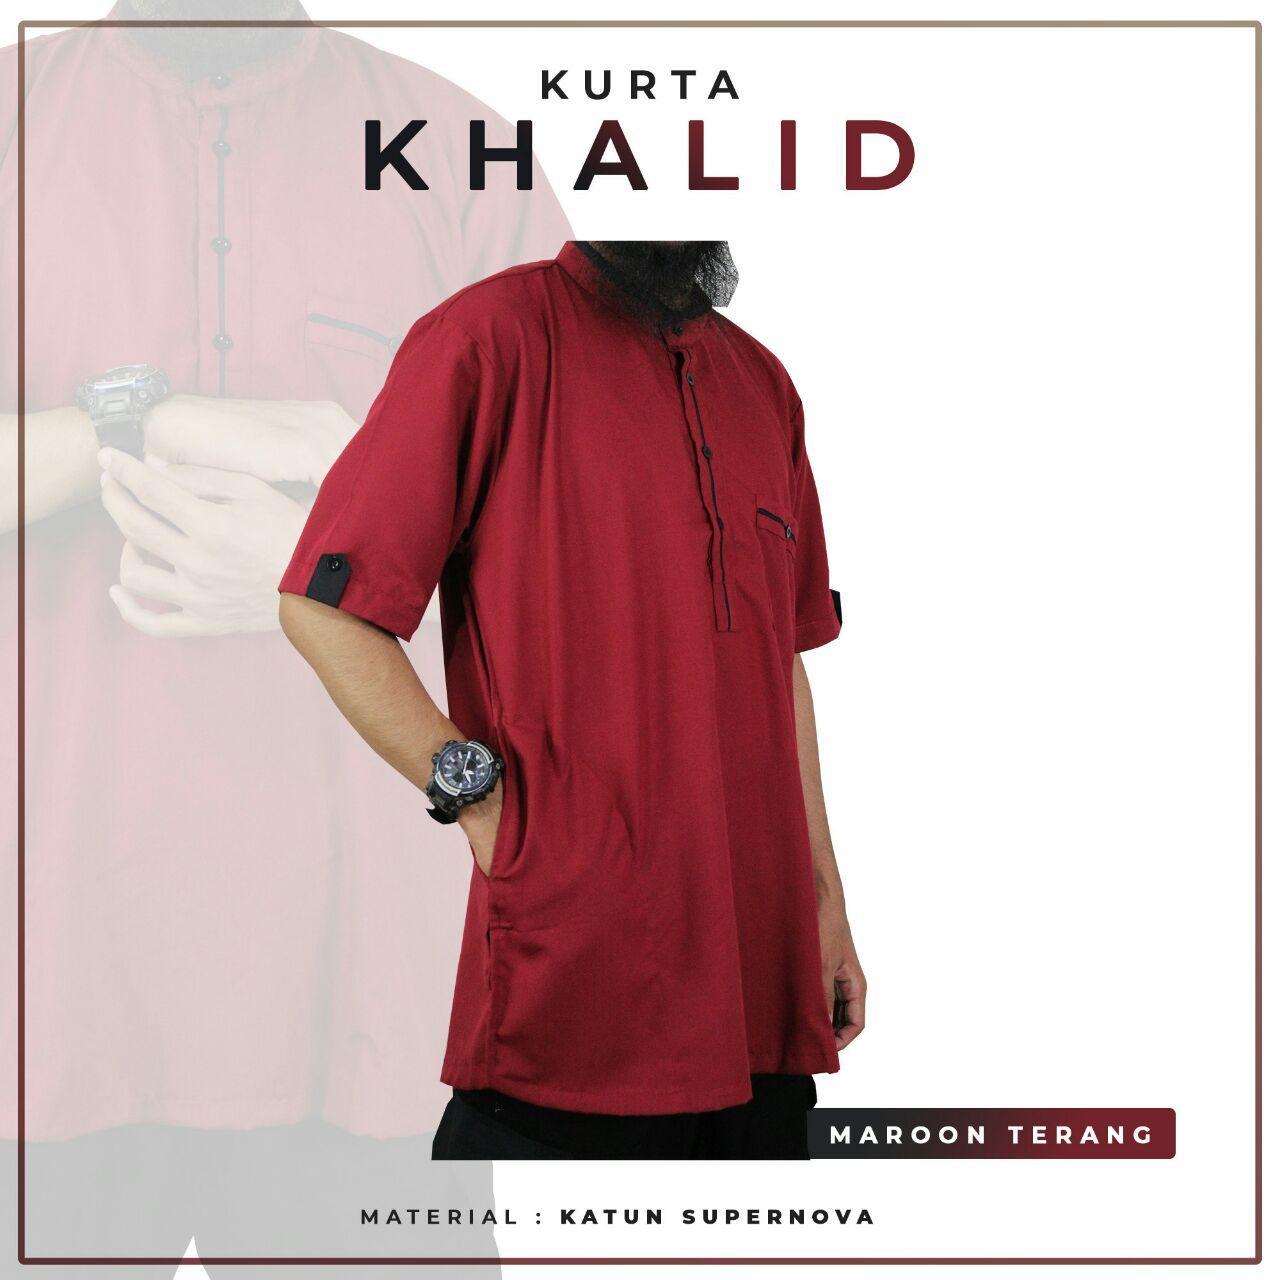 Kurta Khalid